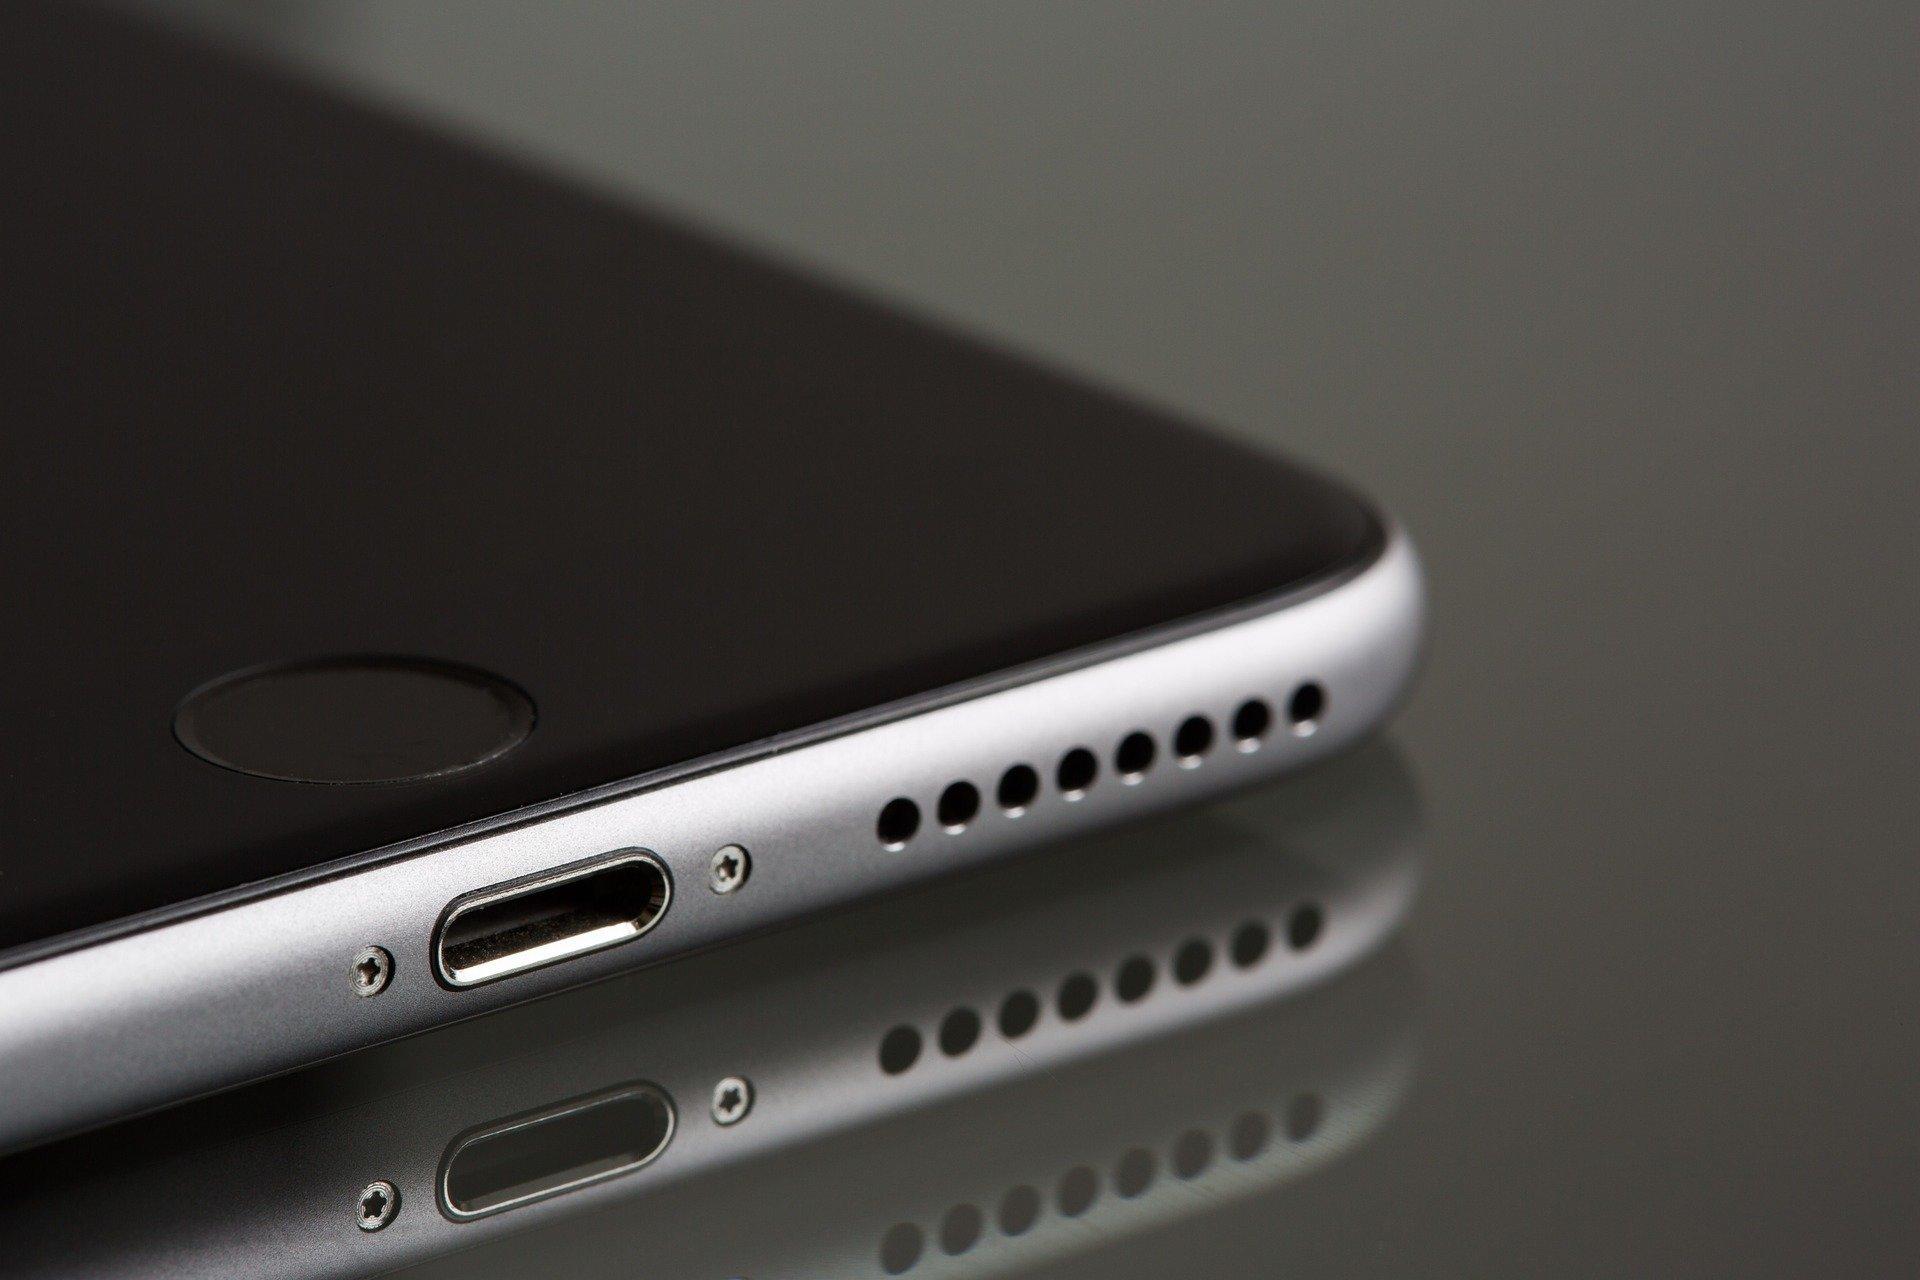 iPhone 6 schwarz (Touch ID und Lightning)